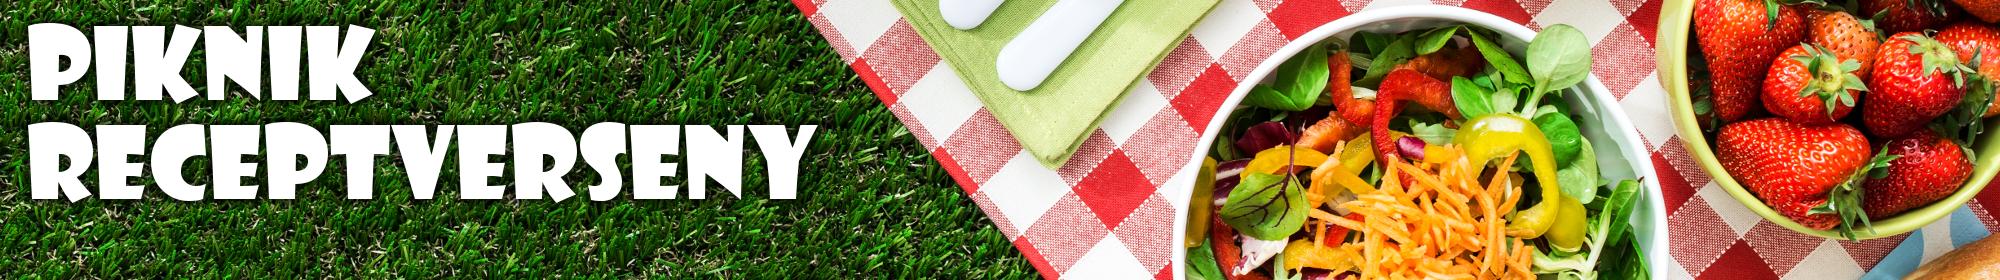 🥪🌽 Piknik receptverseny 🍽️🥨